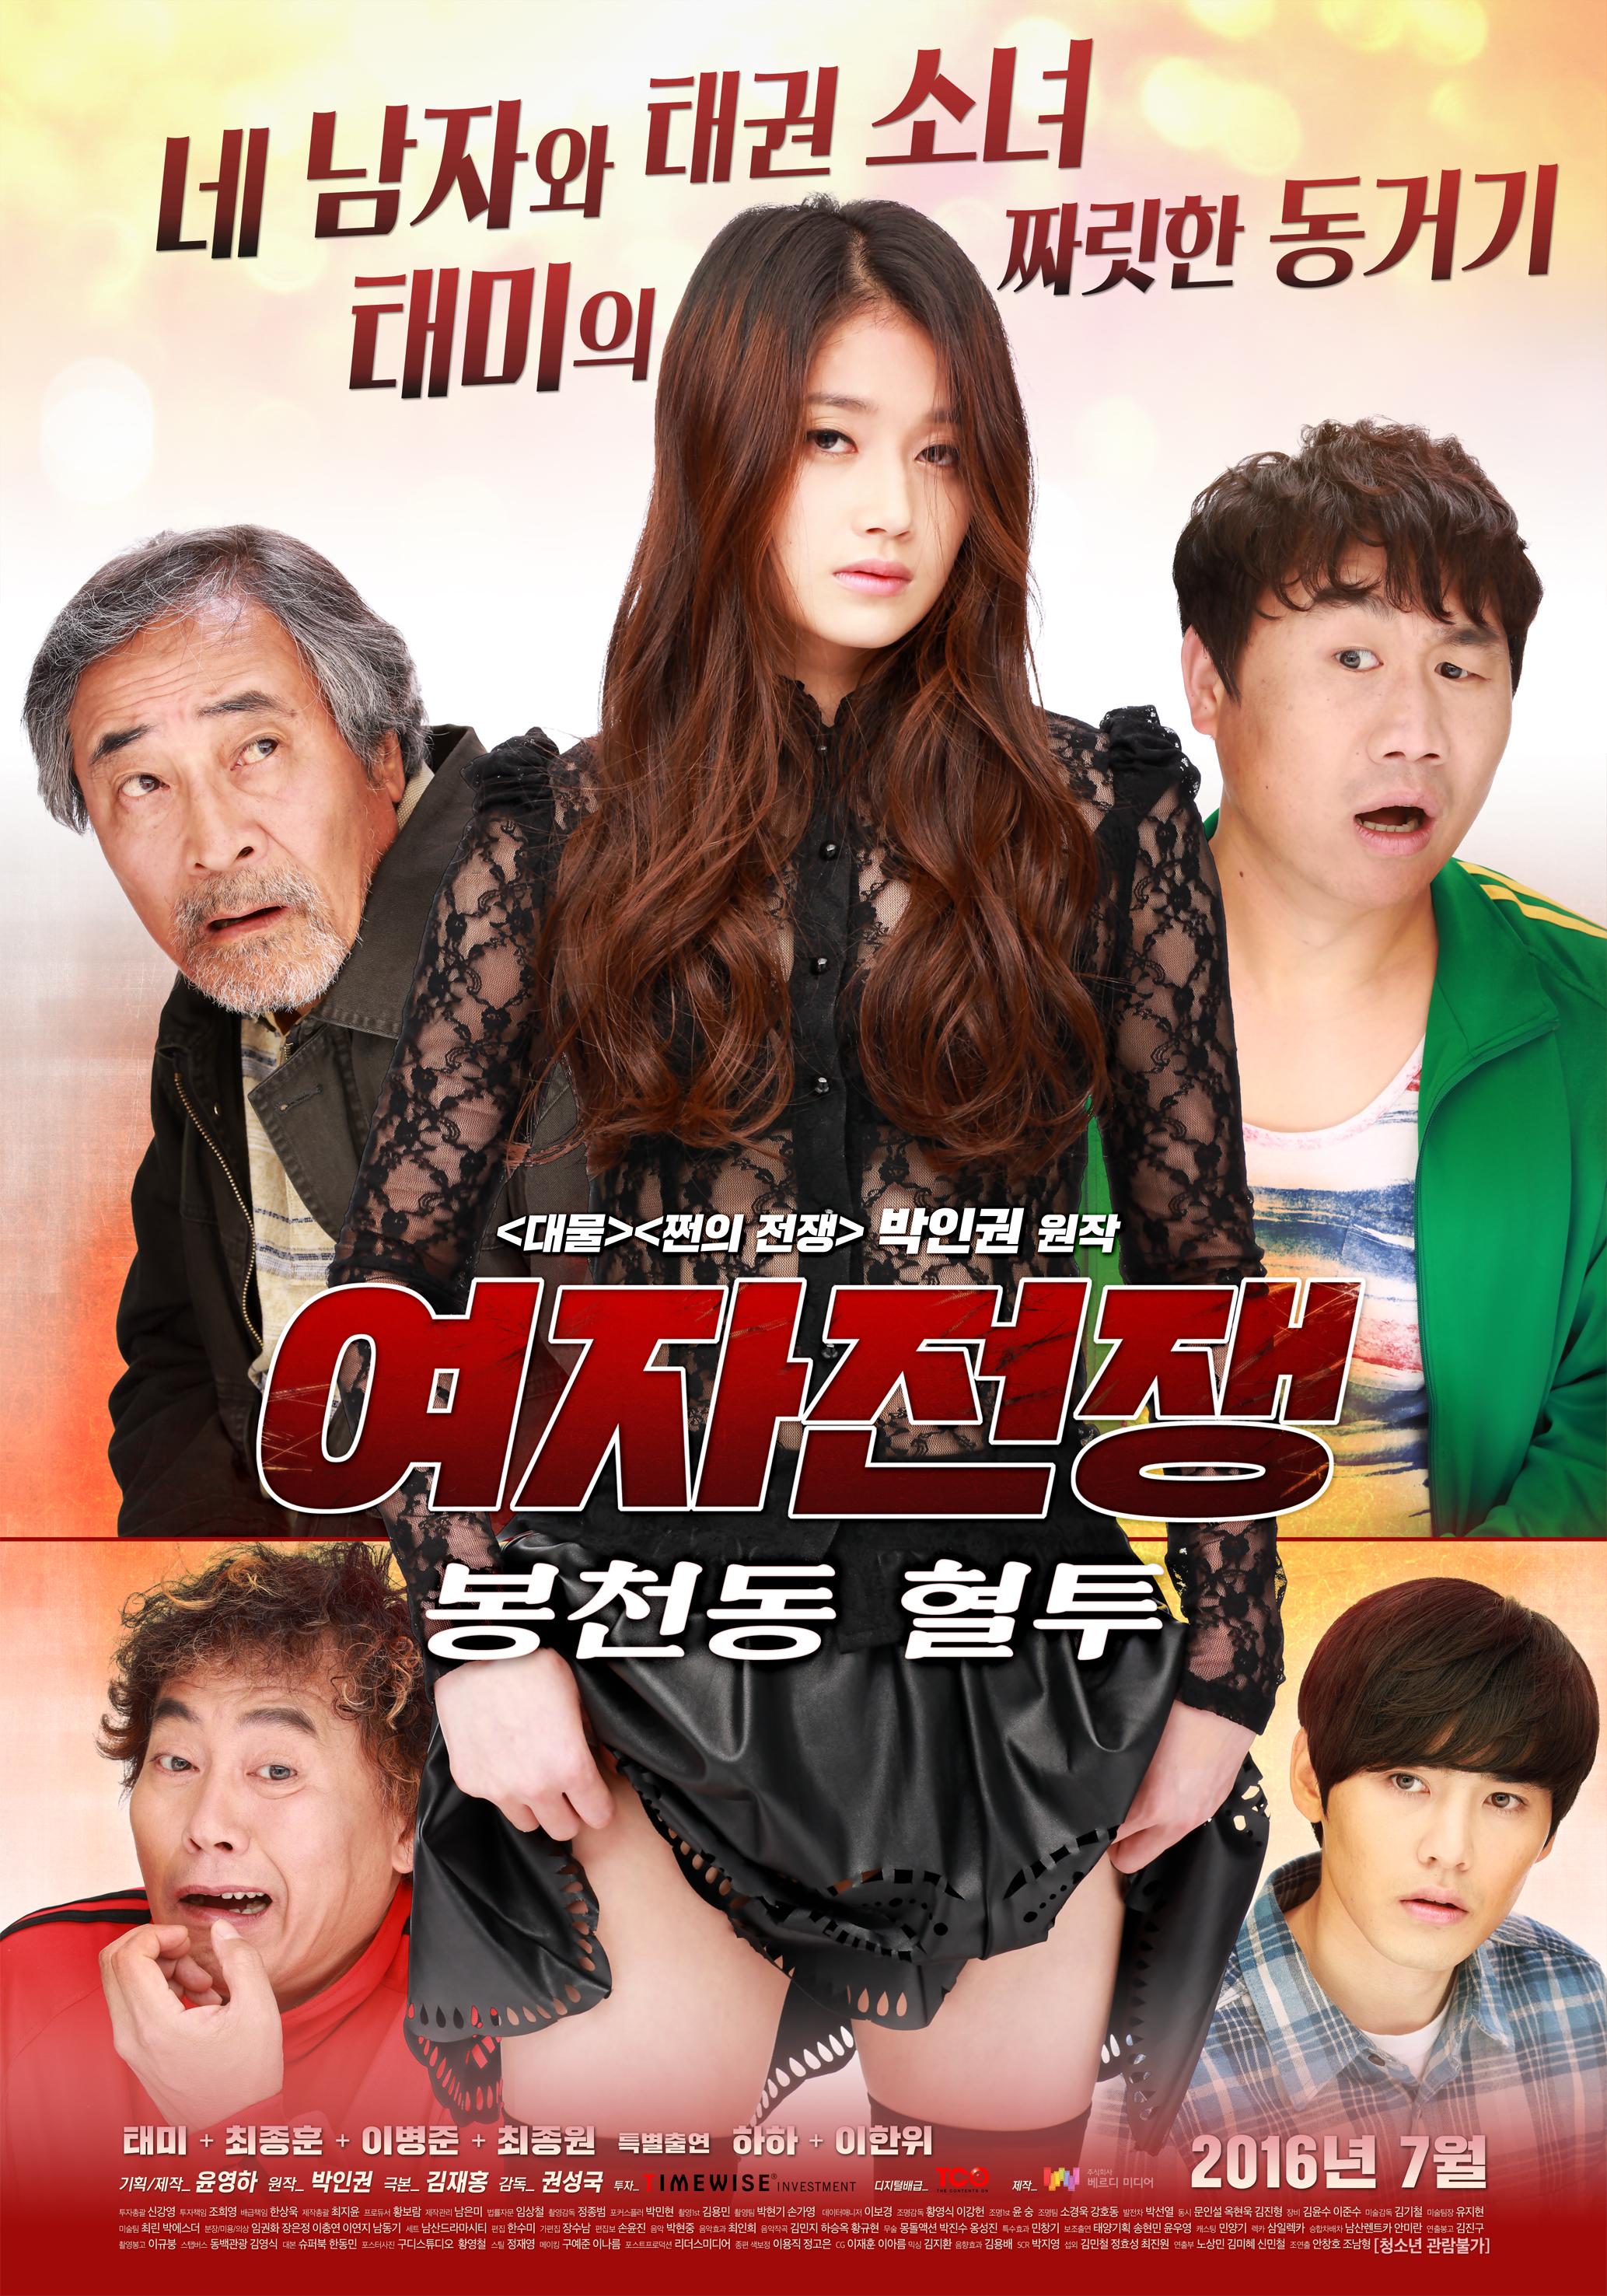 여자전쟁 : 봉천동혈투 (2015) (+19)